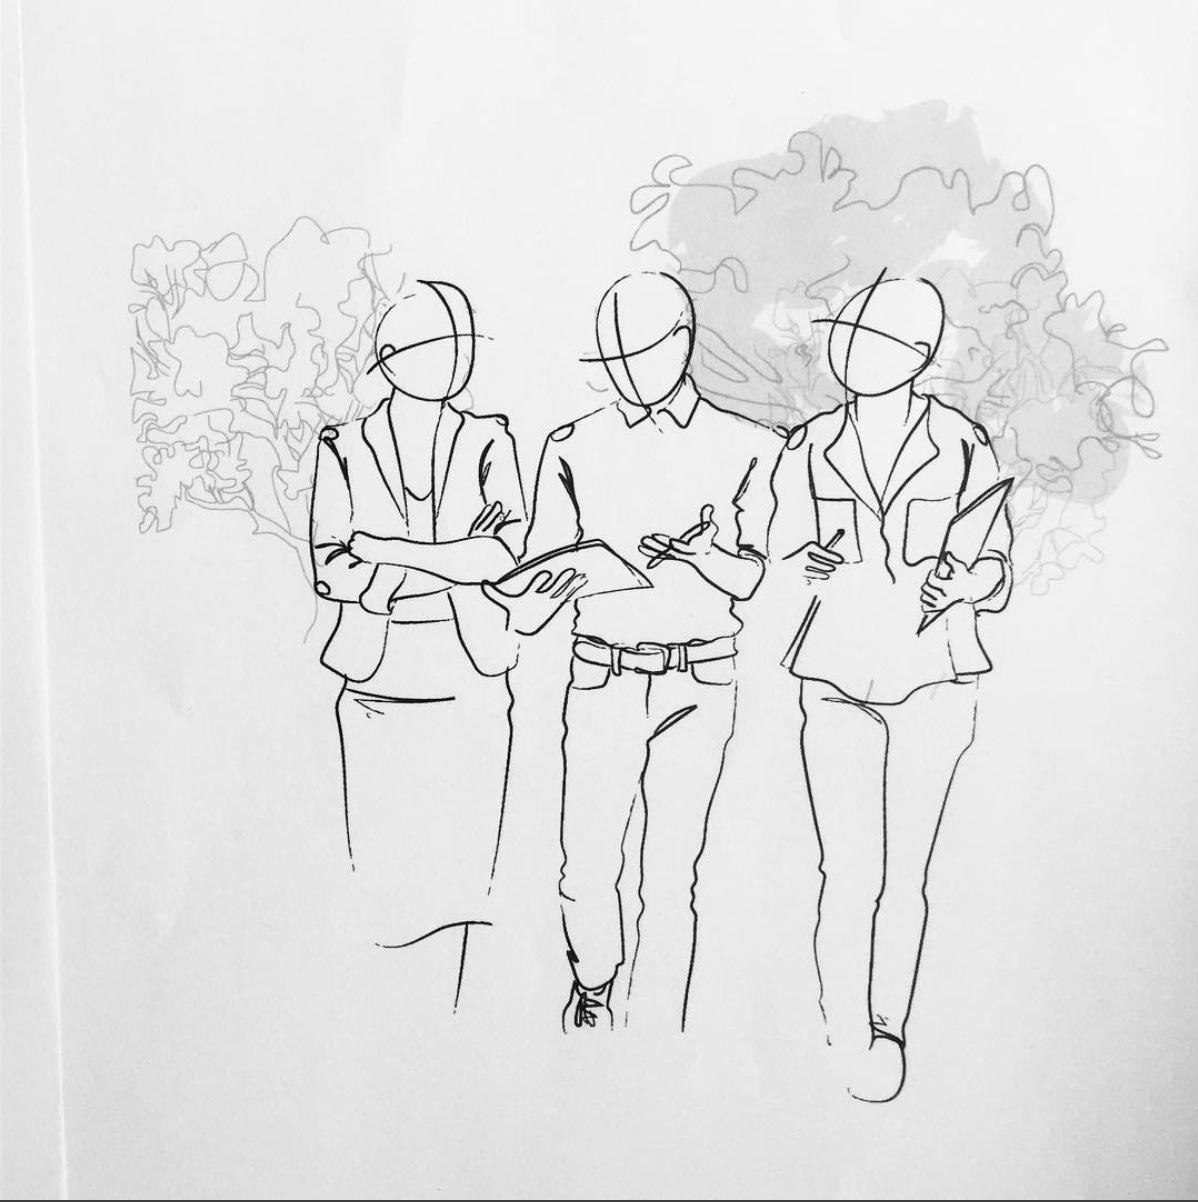 sketch-walking